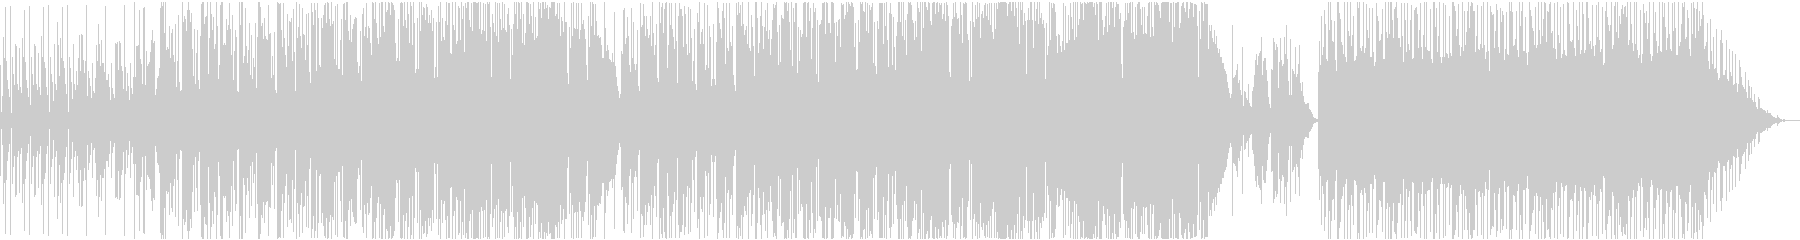 アコースティックロックの未再生の波形